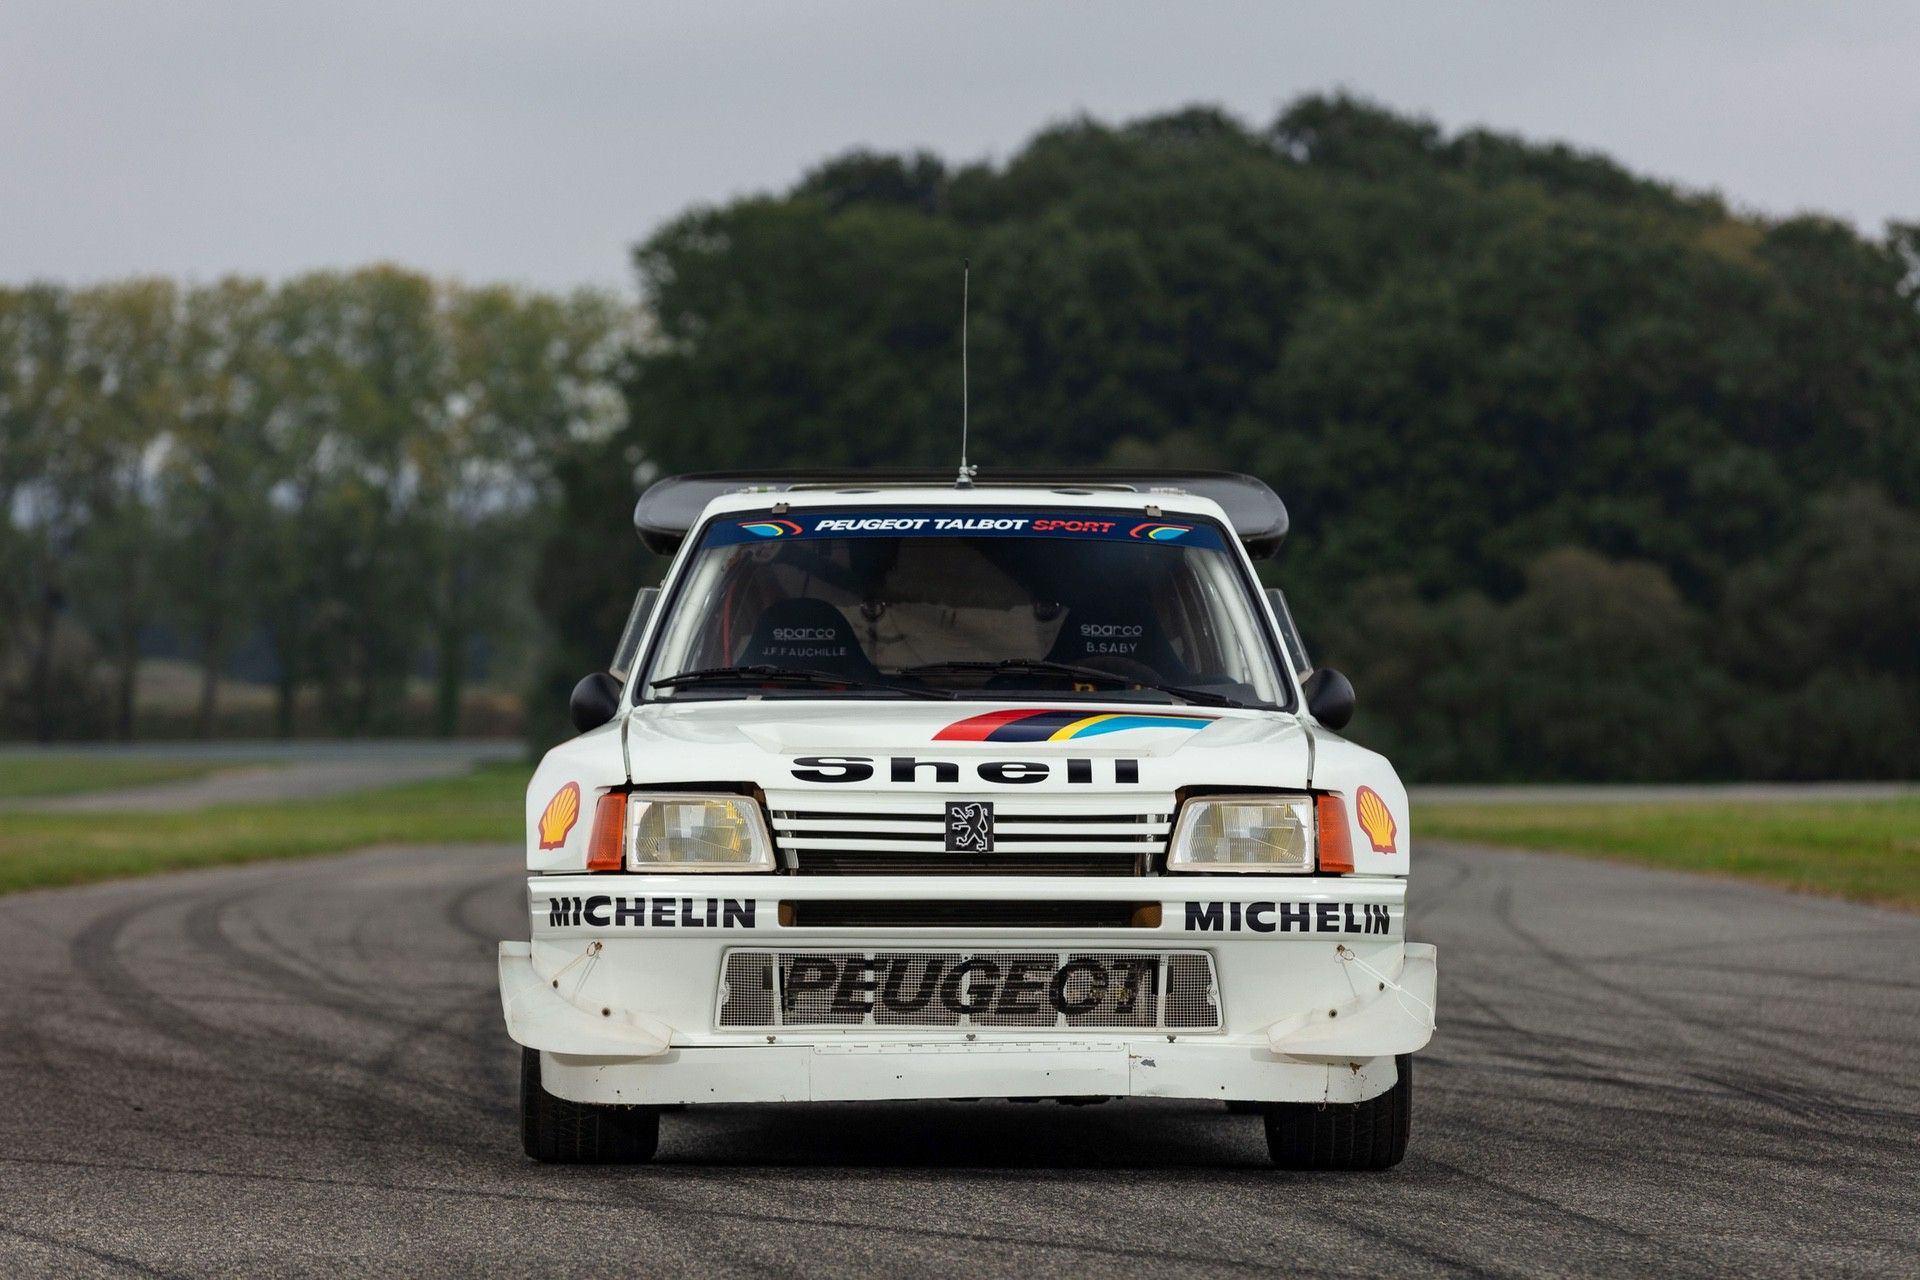 1985_Peugeot_205_Turbo_16_Evolution_2_sale-0011